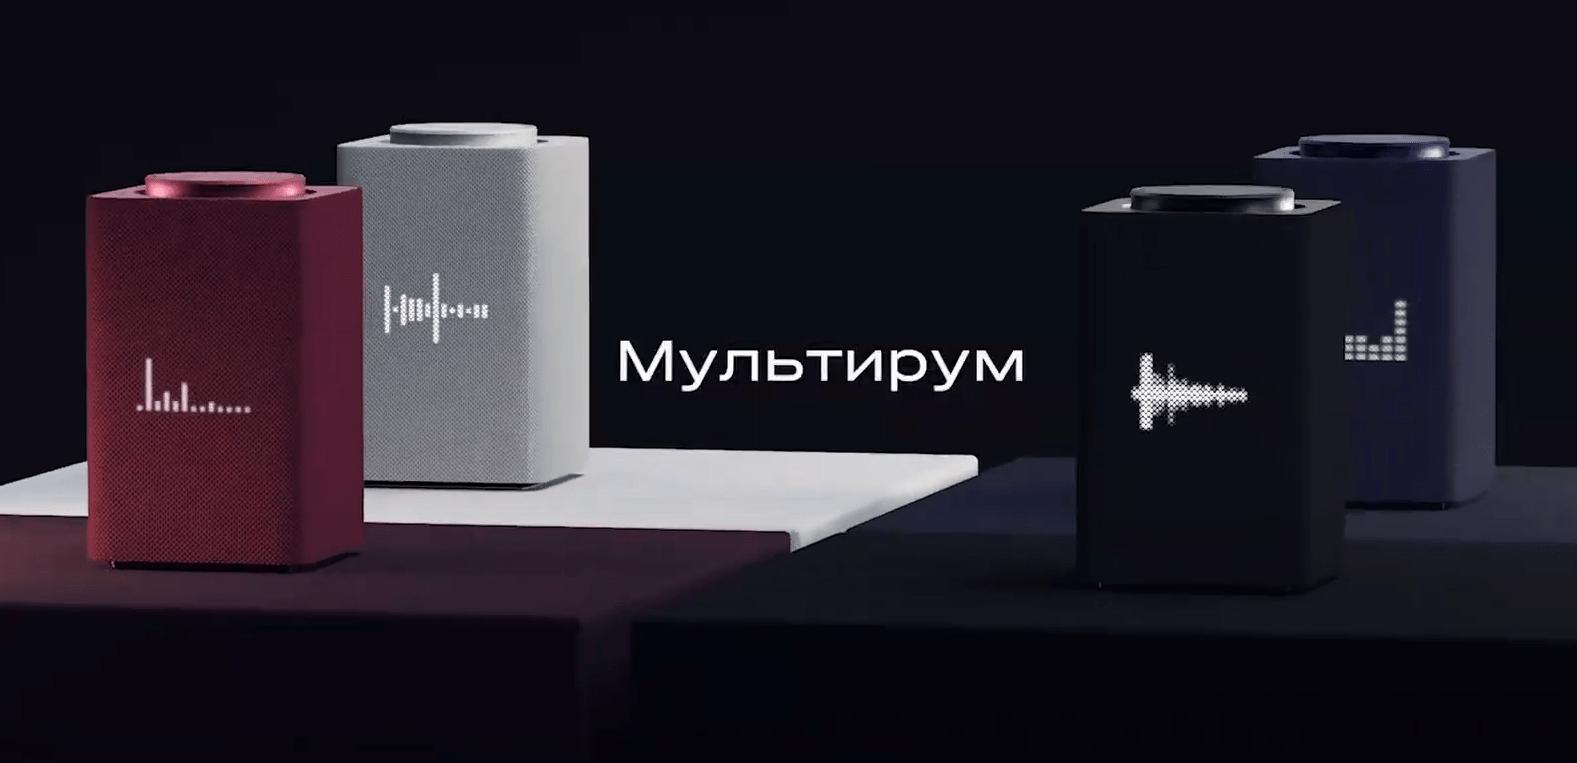 Яндекс представил колонку Яндекс.Станция Макс на YaC 2020 (image 9)